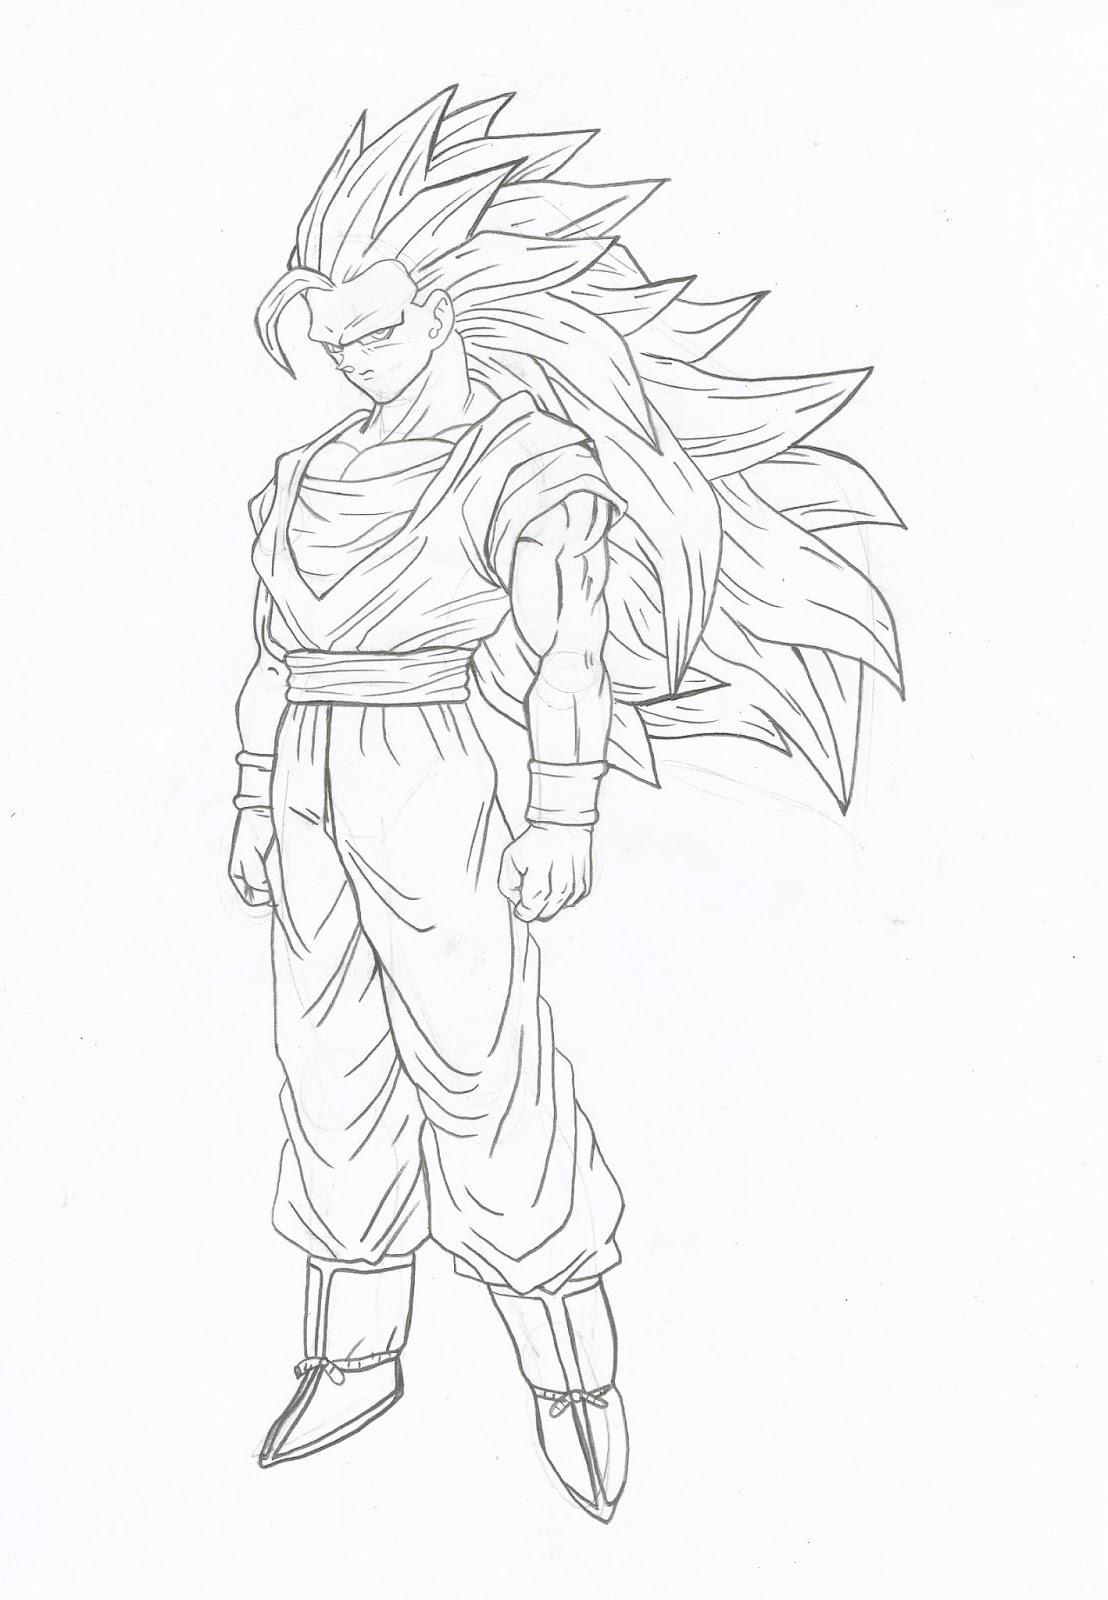 Universo Hq Como Desenhar Goku Super Sayajin 3